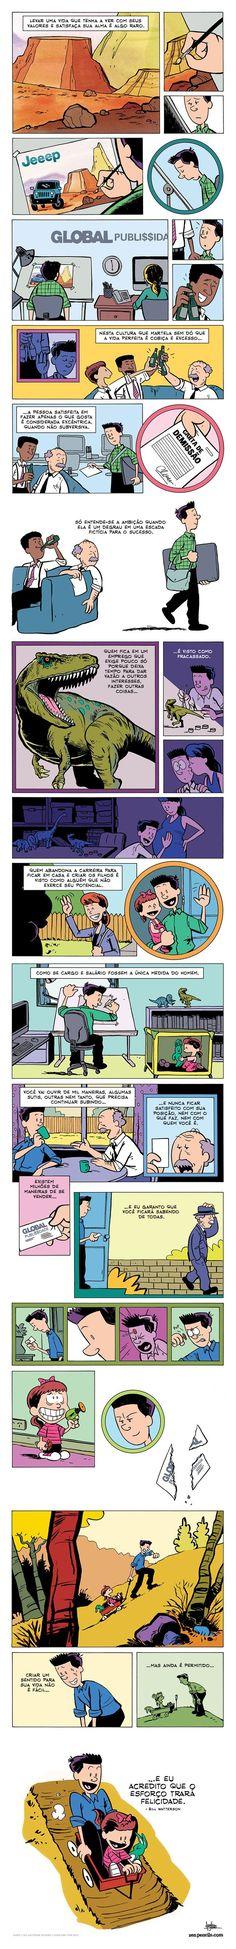 Satirinhas - Quadrinhos, tirinhas, curiosidades e muito mais! - Part 120